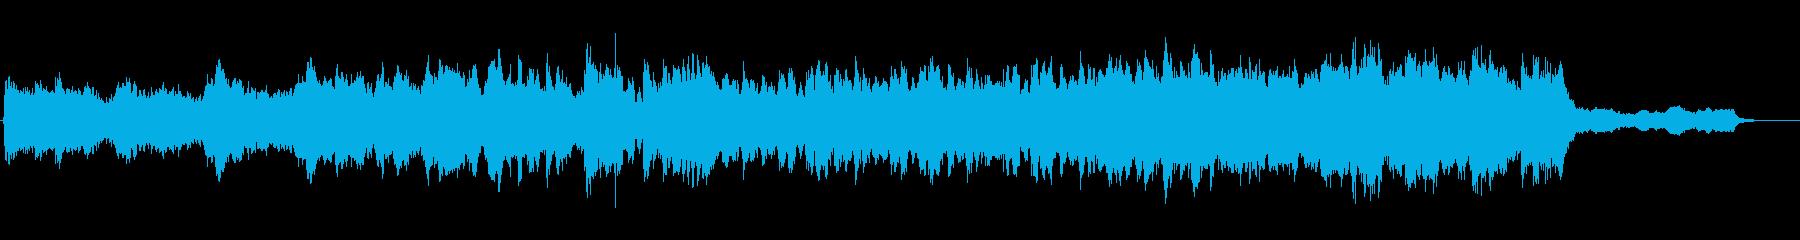 ティンパニのヒットと強力な弦のトレ...の再生済みの波形